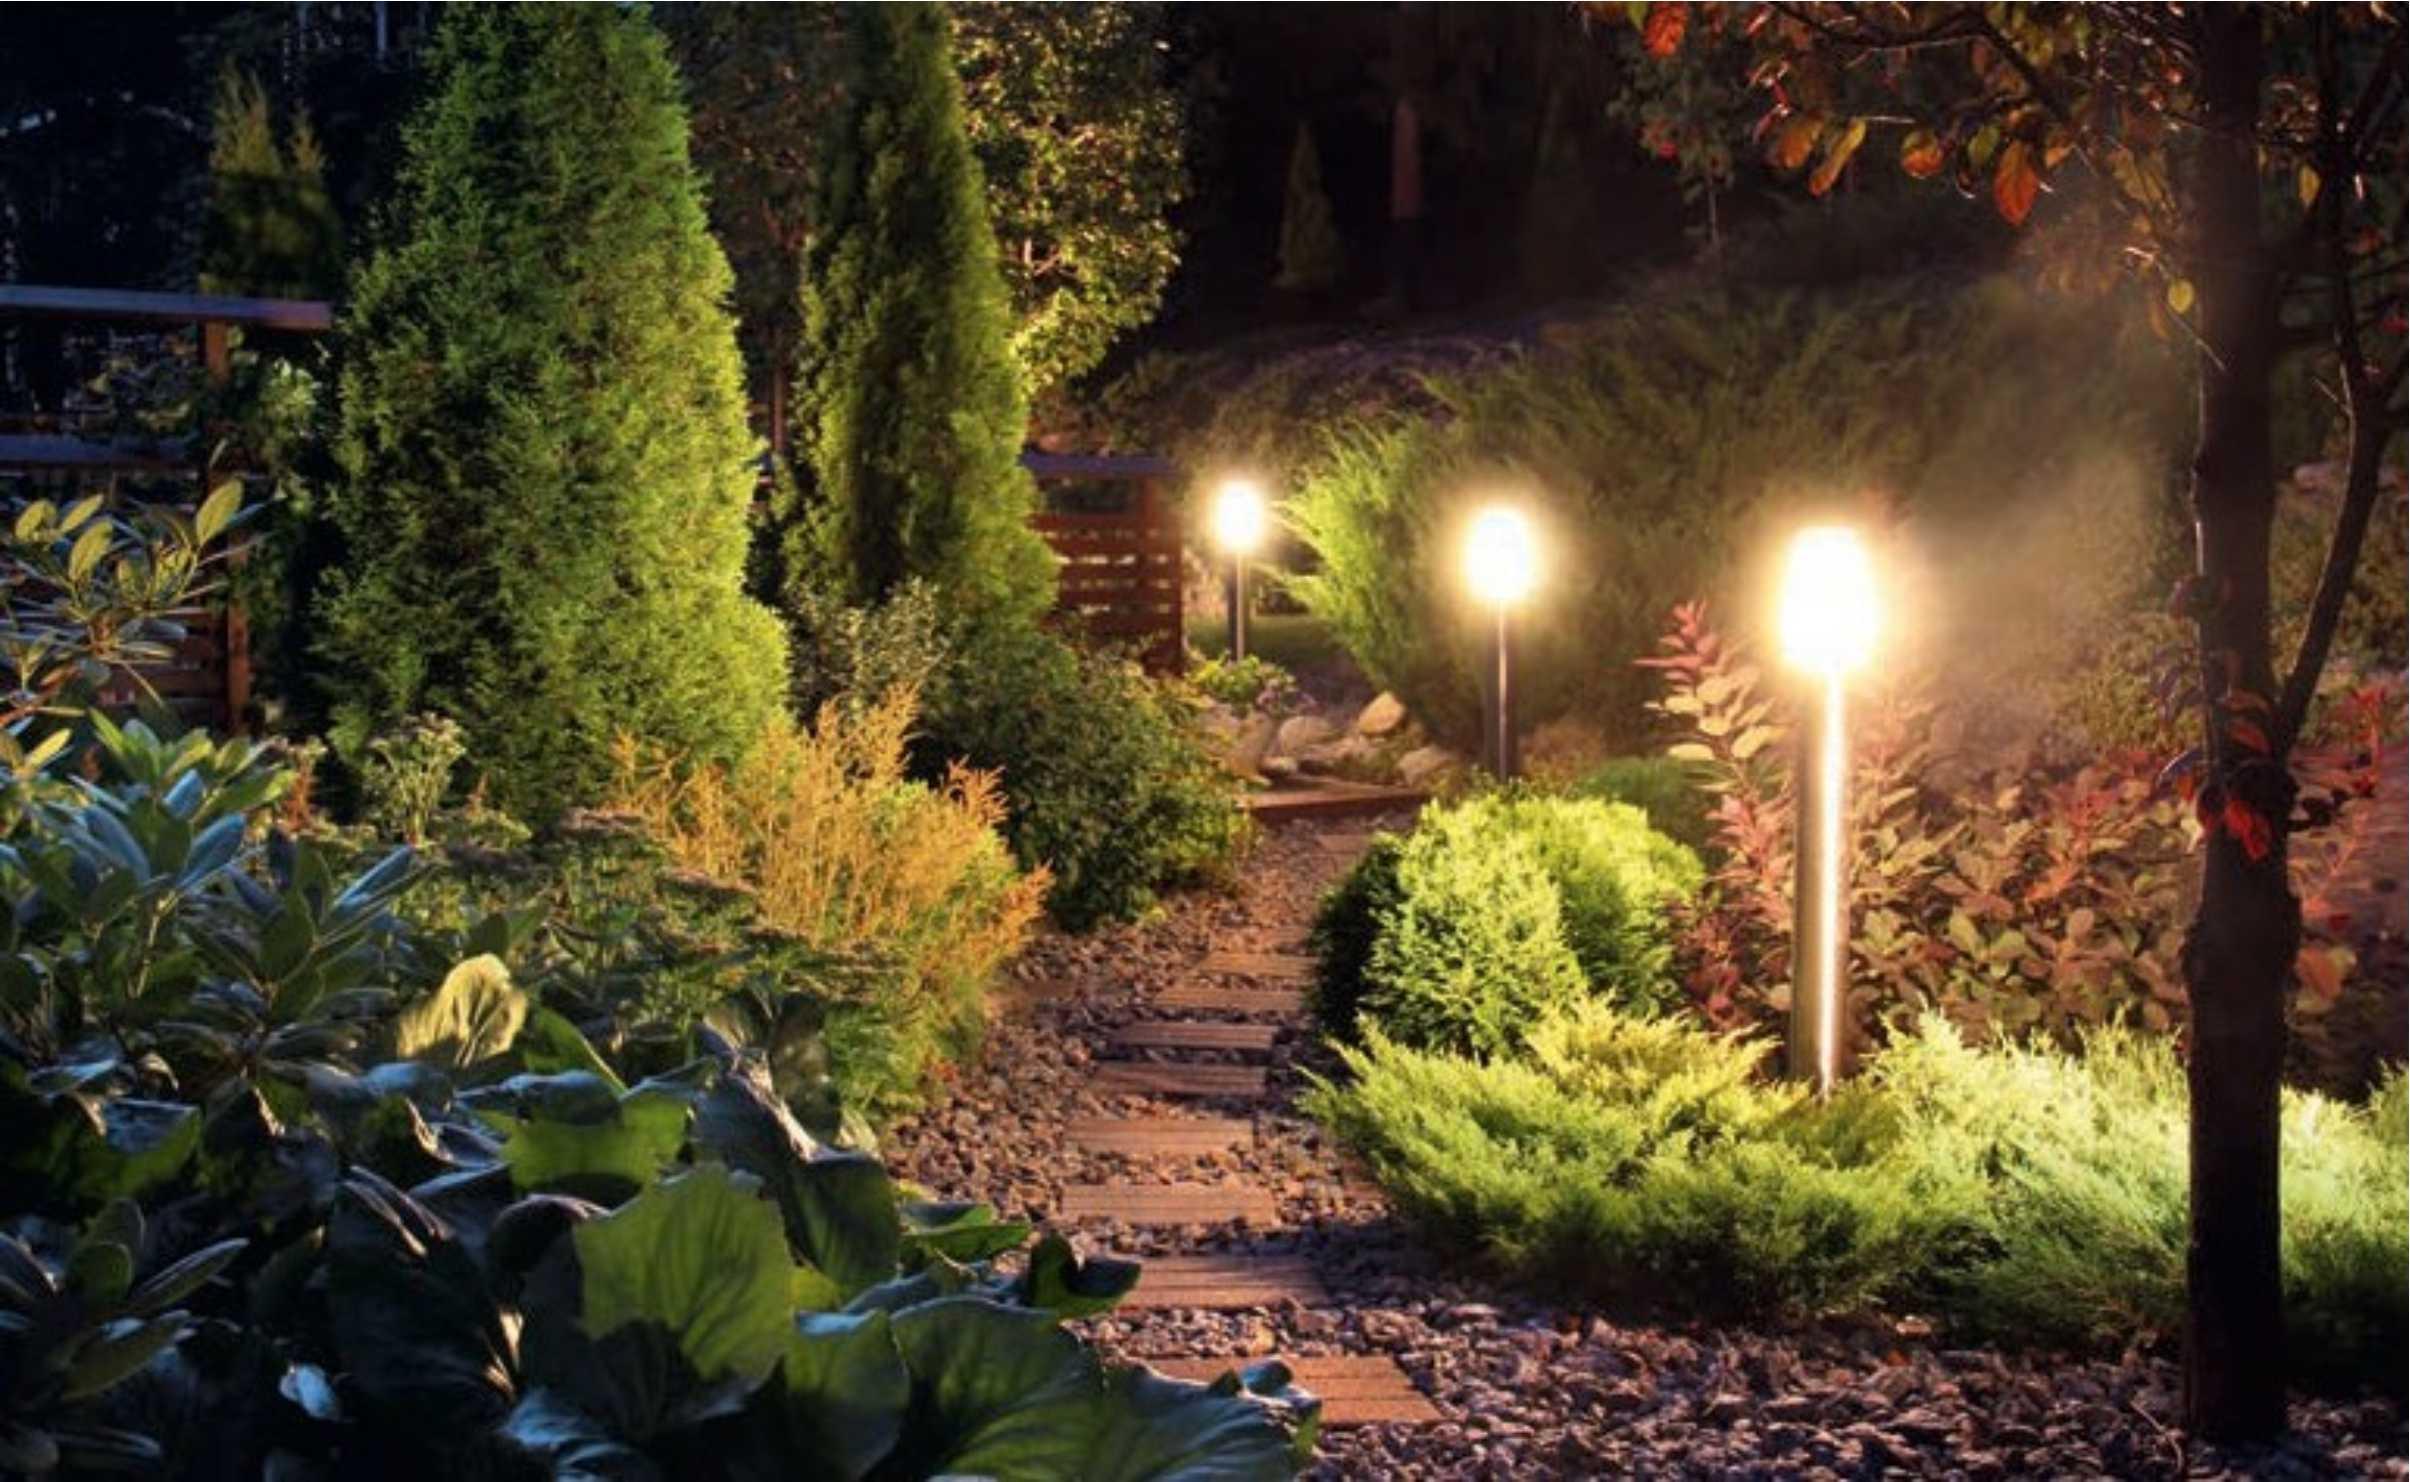 lampy-stojace-w-ogrodzie